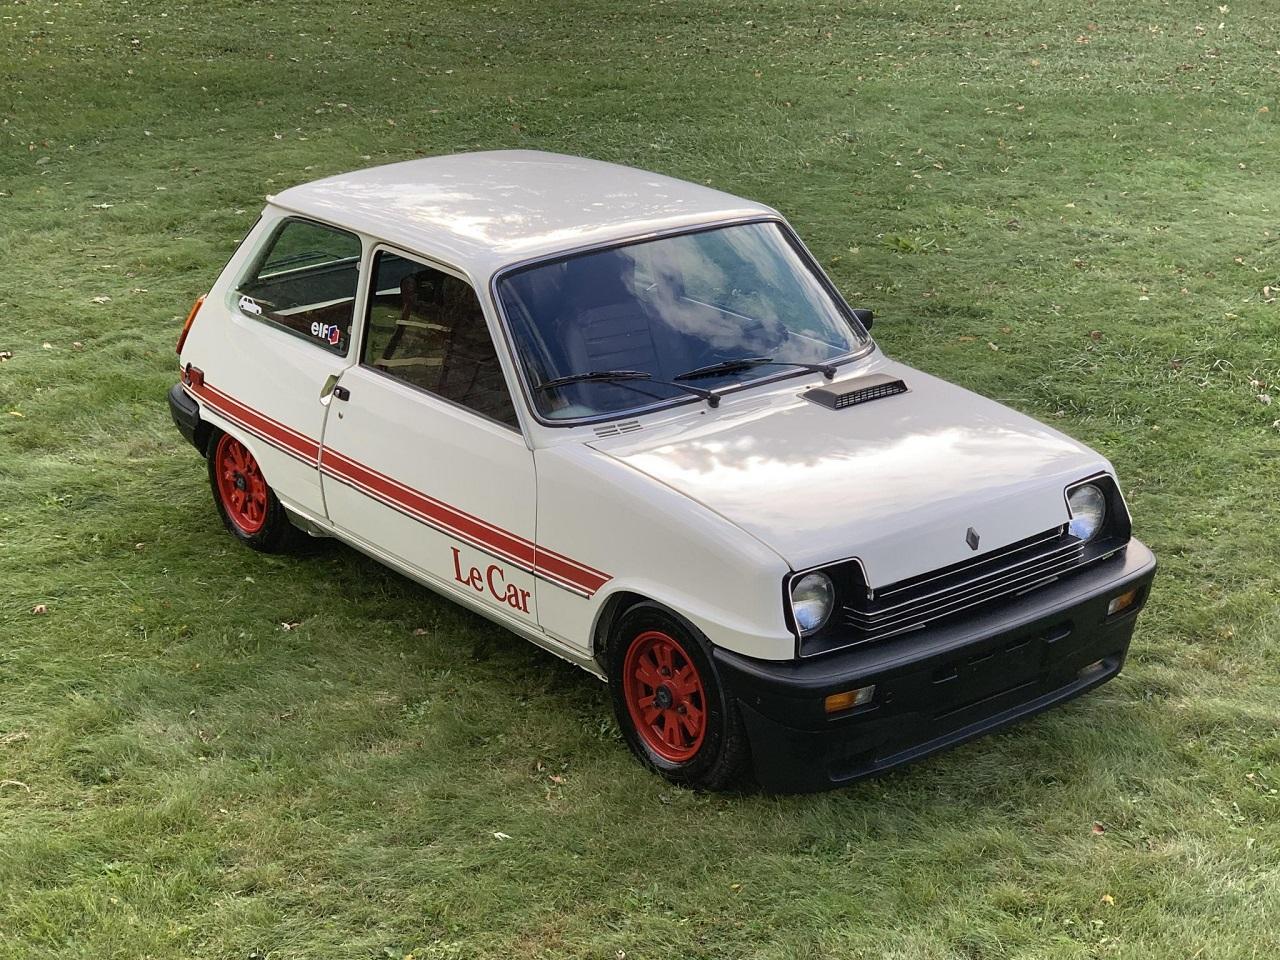 '79 Renault 5 Le Car - A la conquête de l'Amérique ! 2